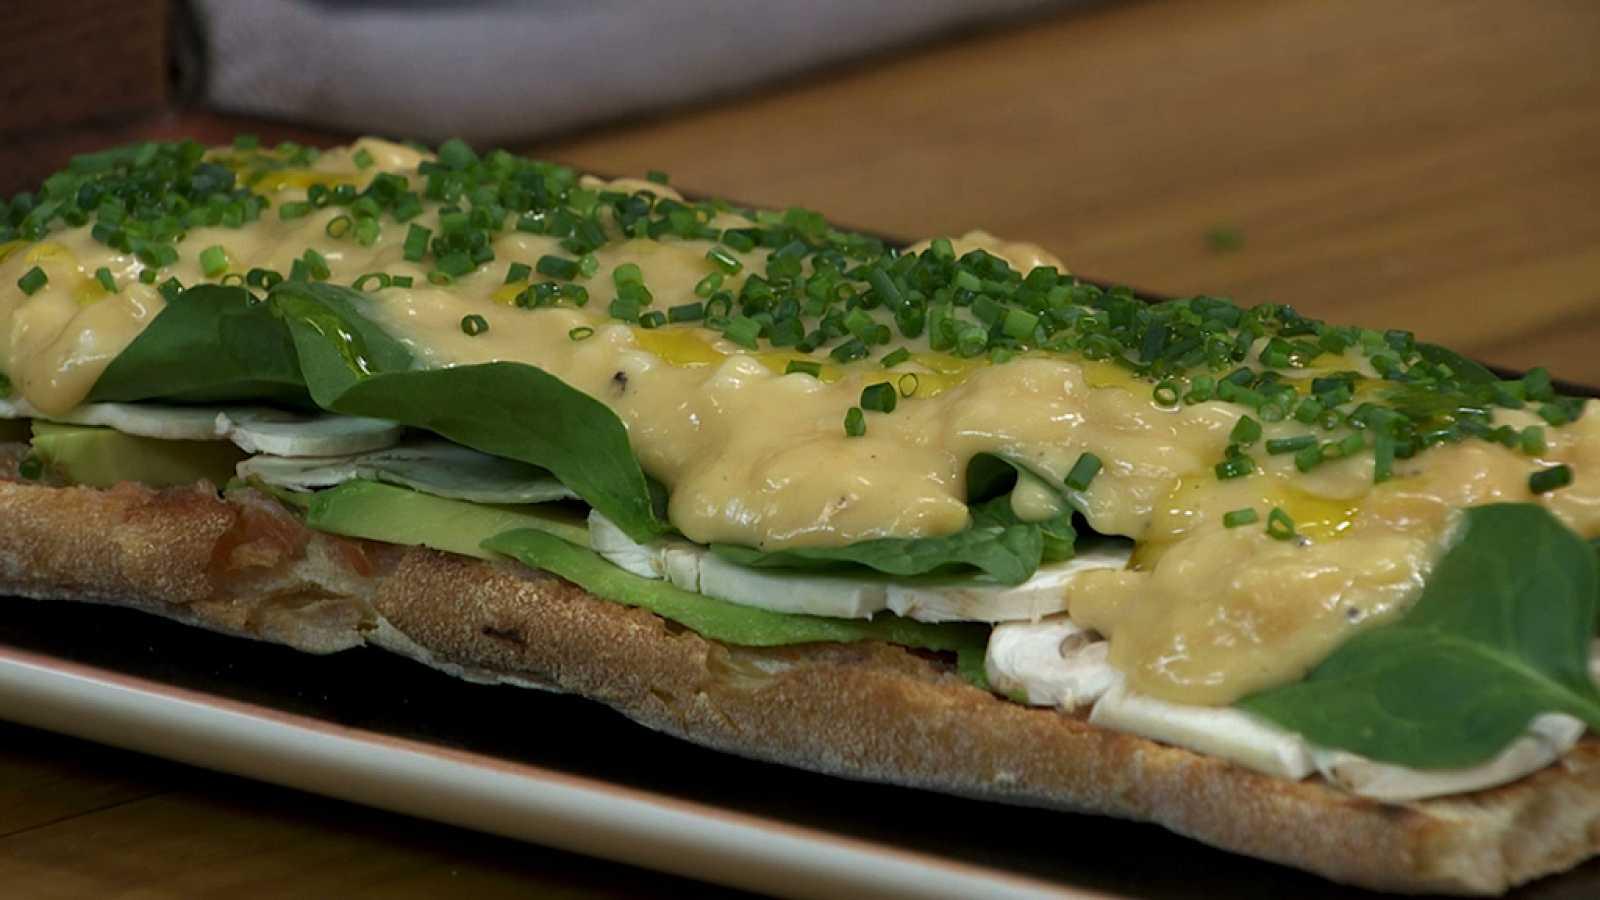 Torres en la cocina - Tostada con huevos revueltos